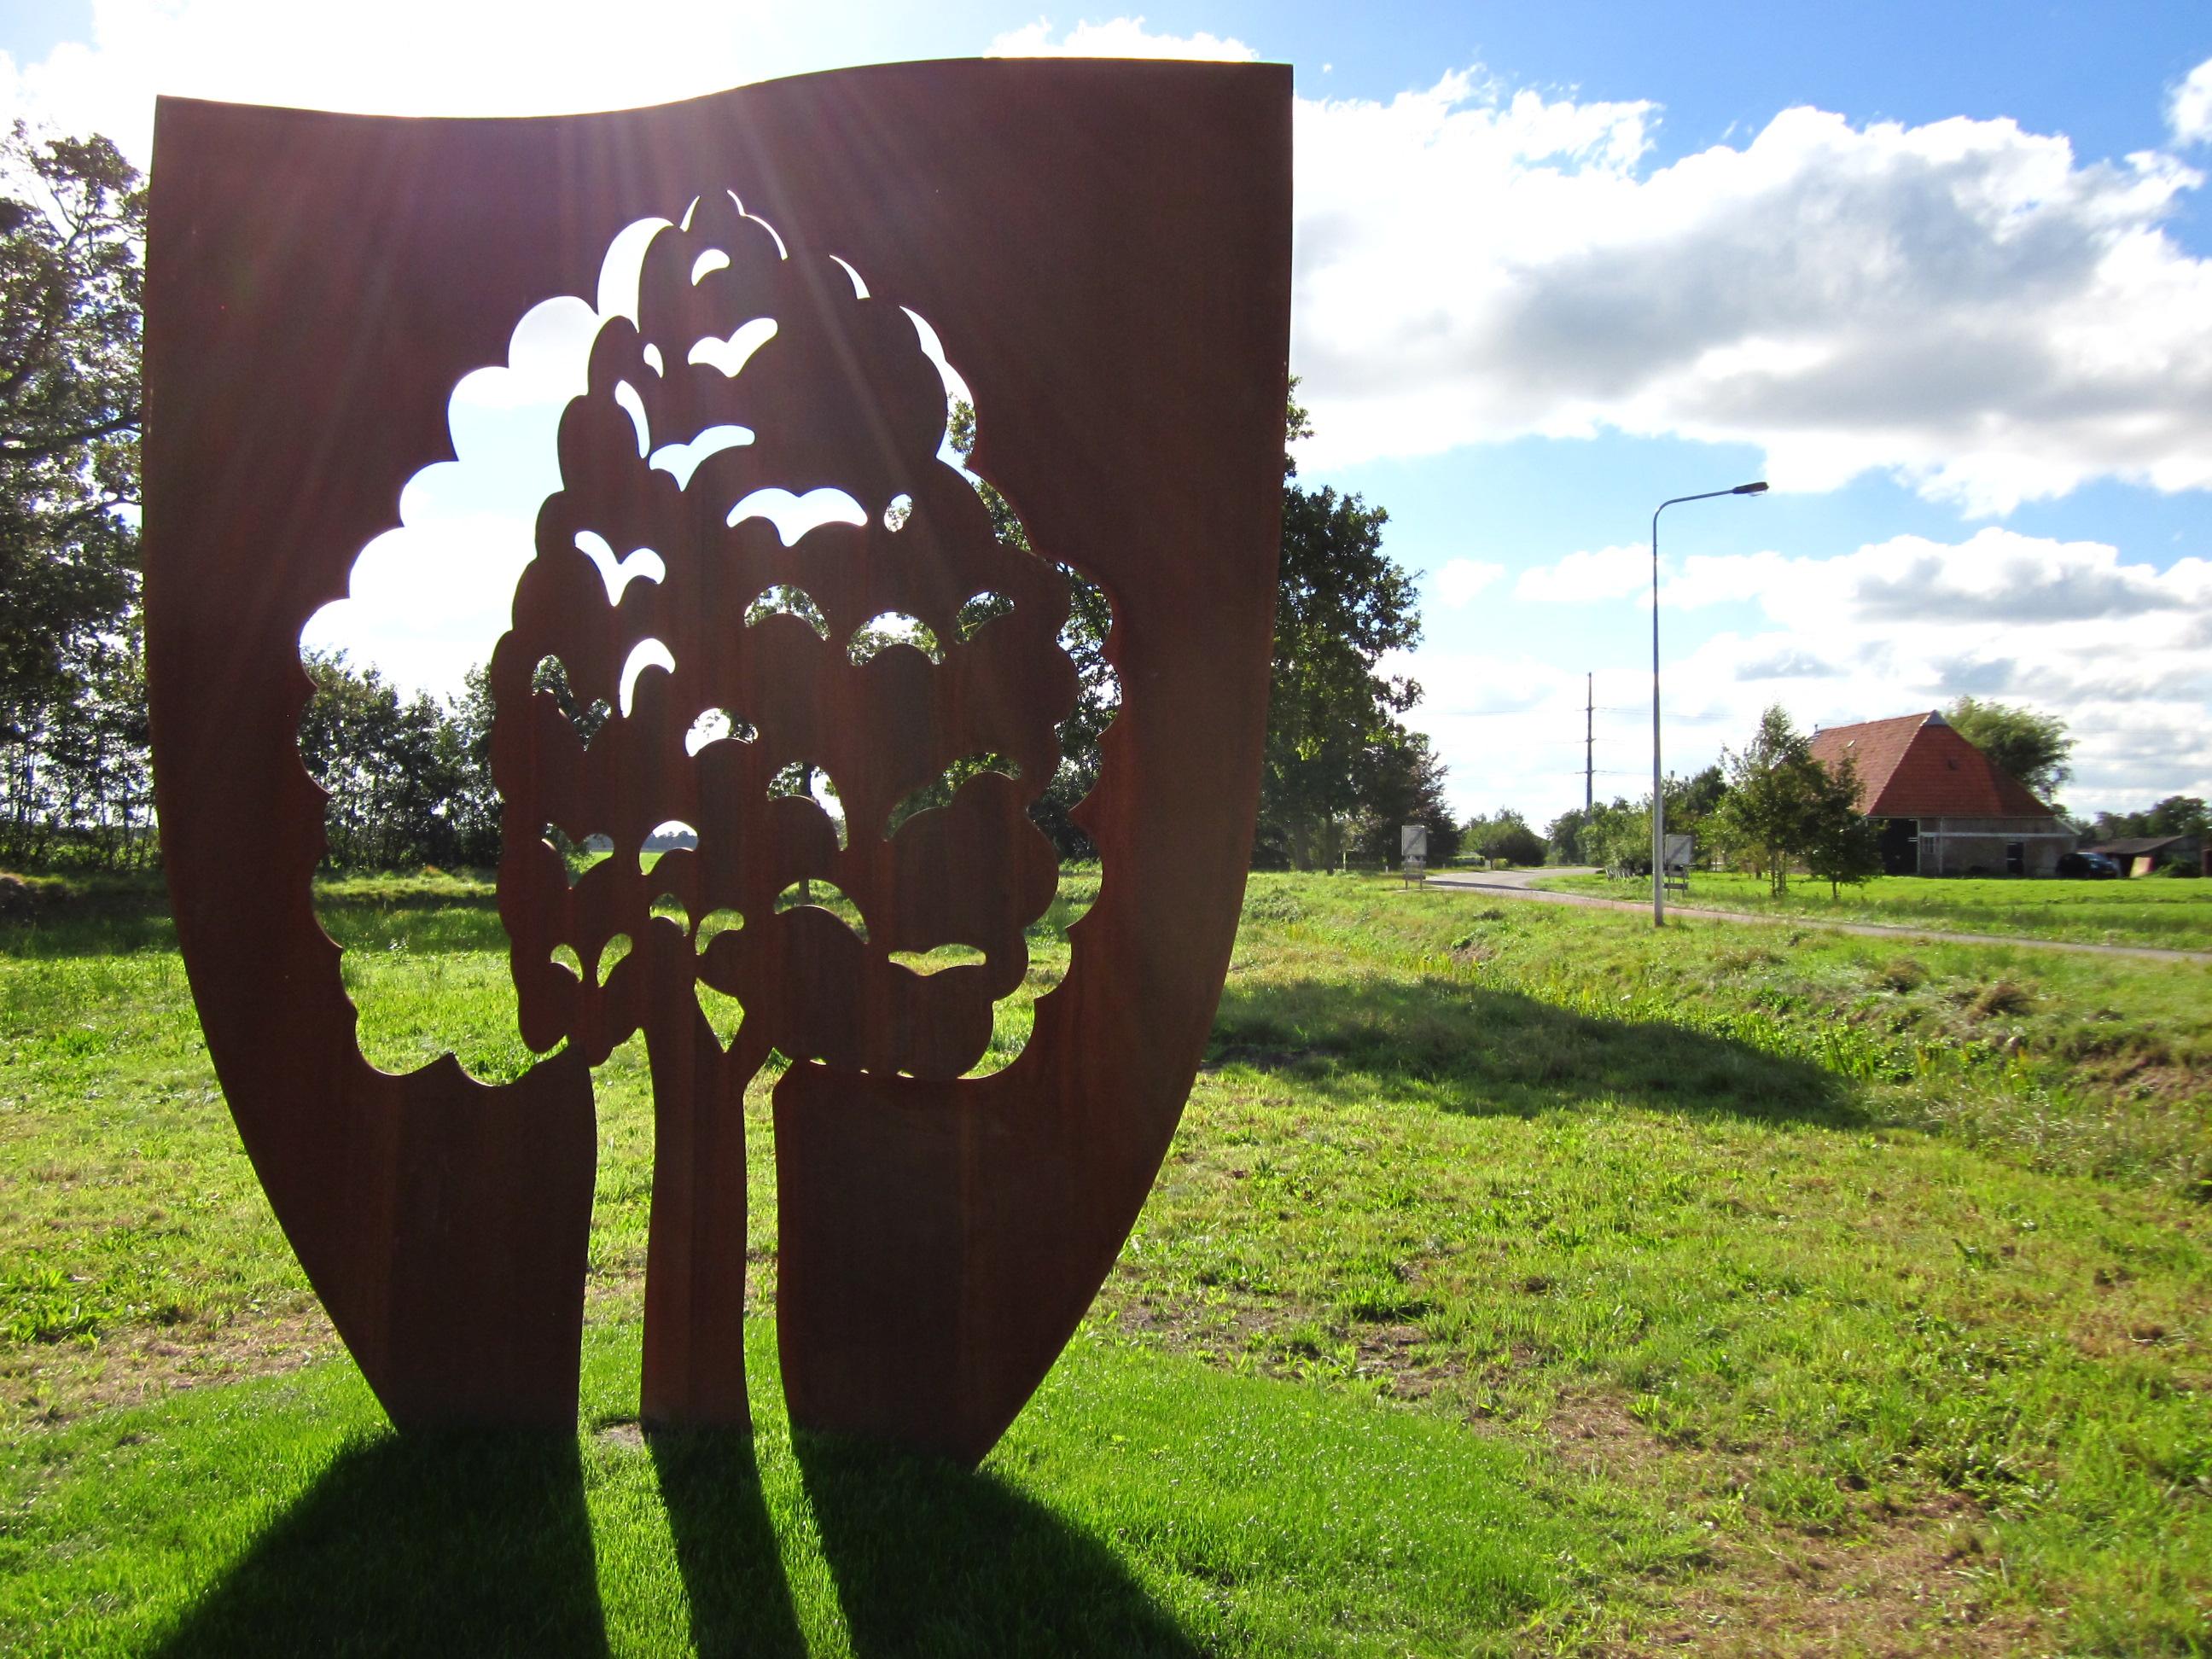 De boom cortenstaal beeld openbare ruimte wietske lycklama nijeholt - Deksel van de boom ...